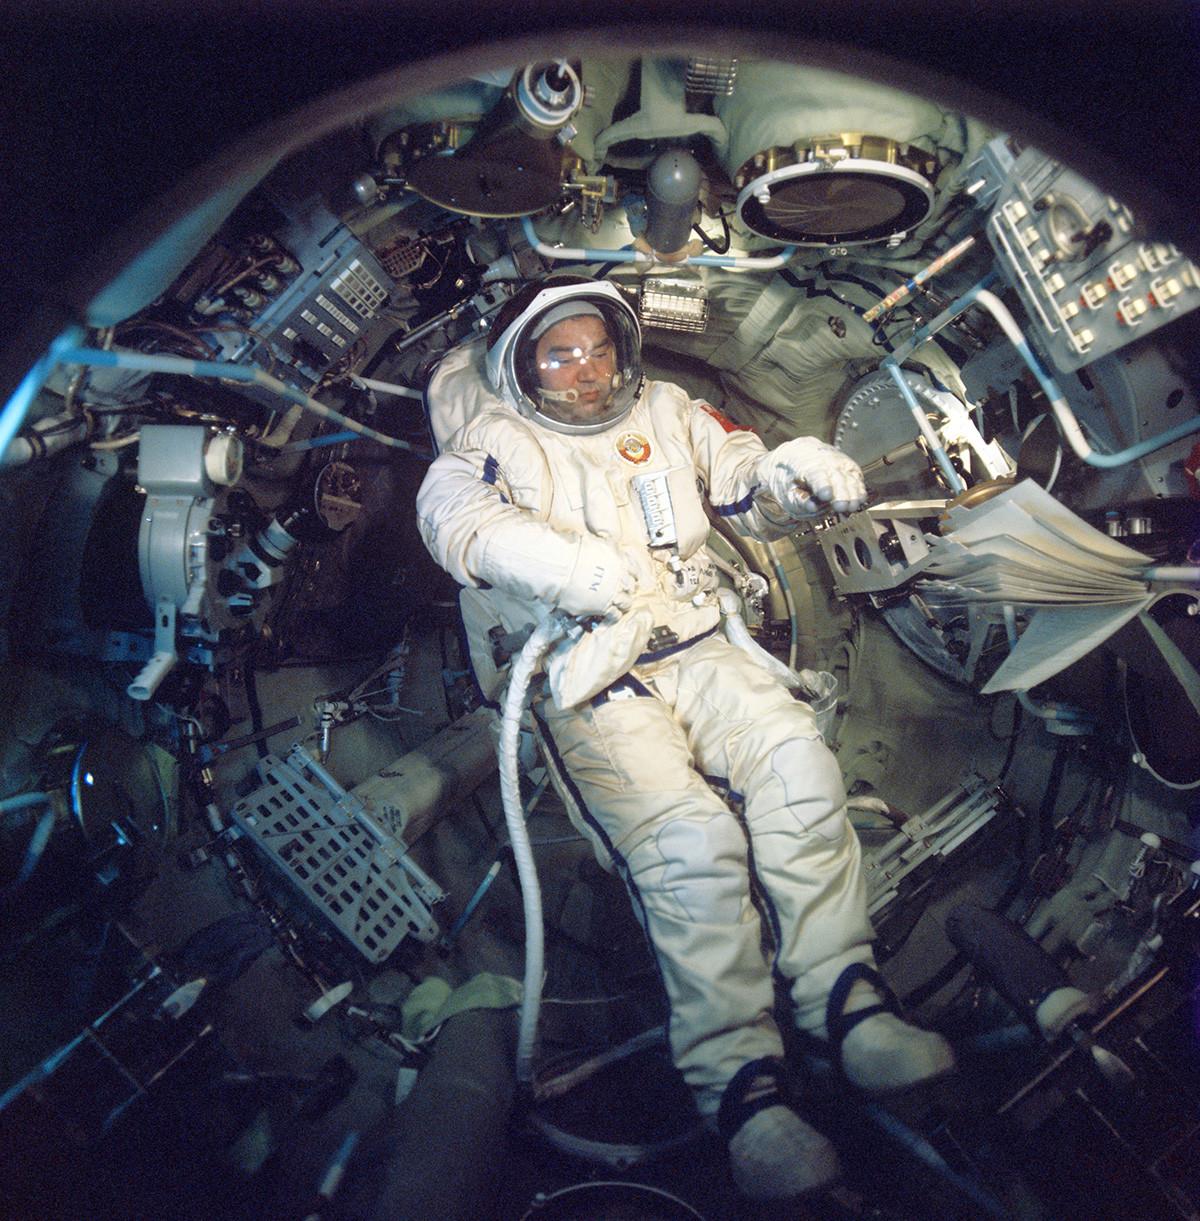 Le cosmonaute soviétique Gueorgui Gretchko à bord du vaisseau spatial Soyouz 26